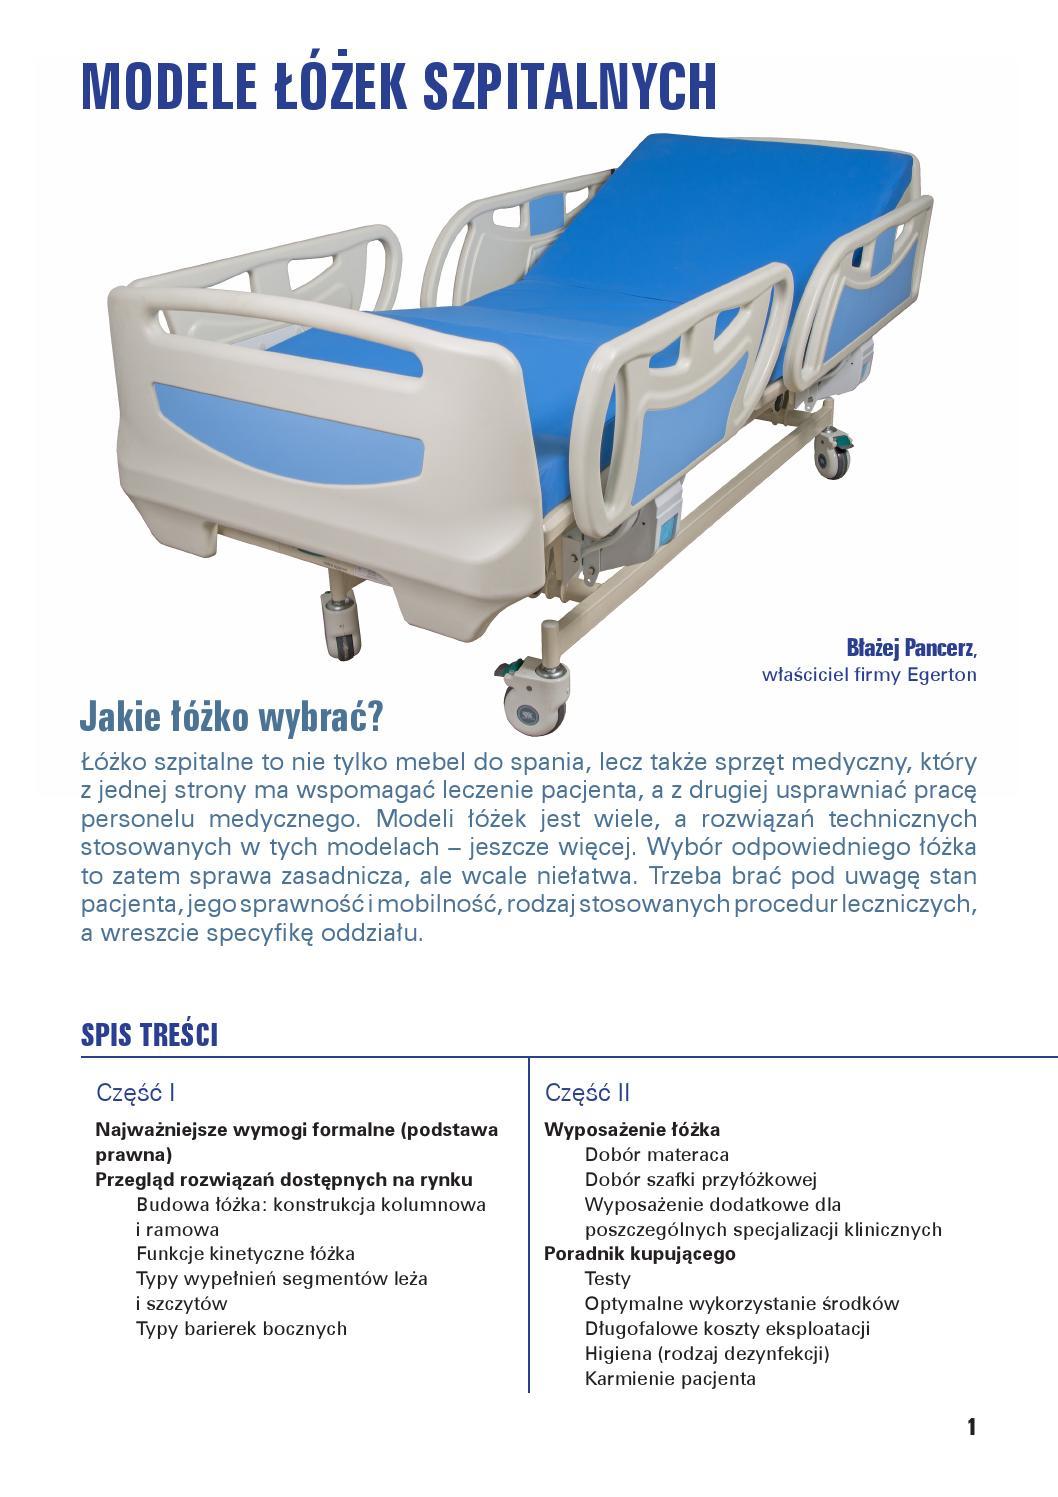 Modele łóżek Szpitalnych By Egerton Issuu